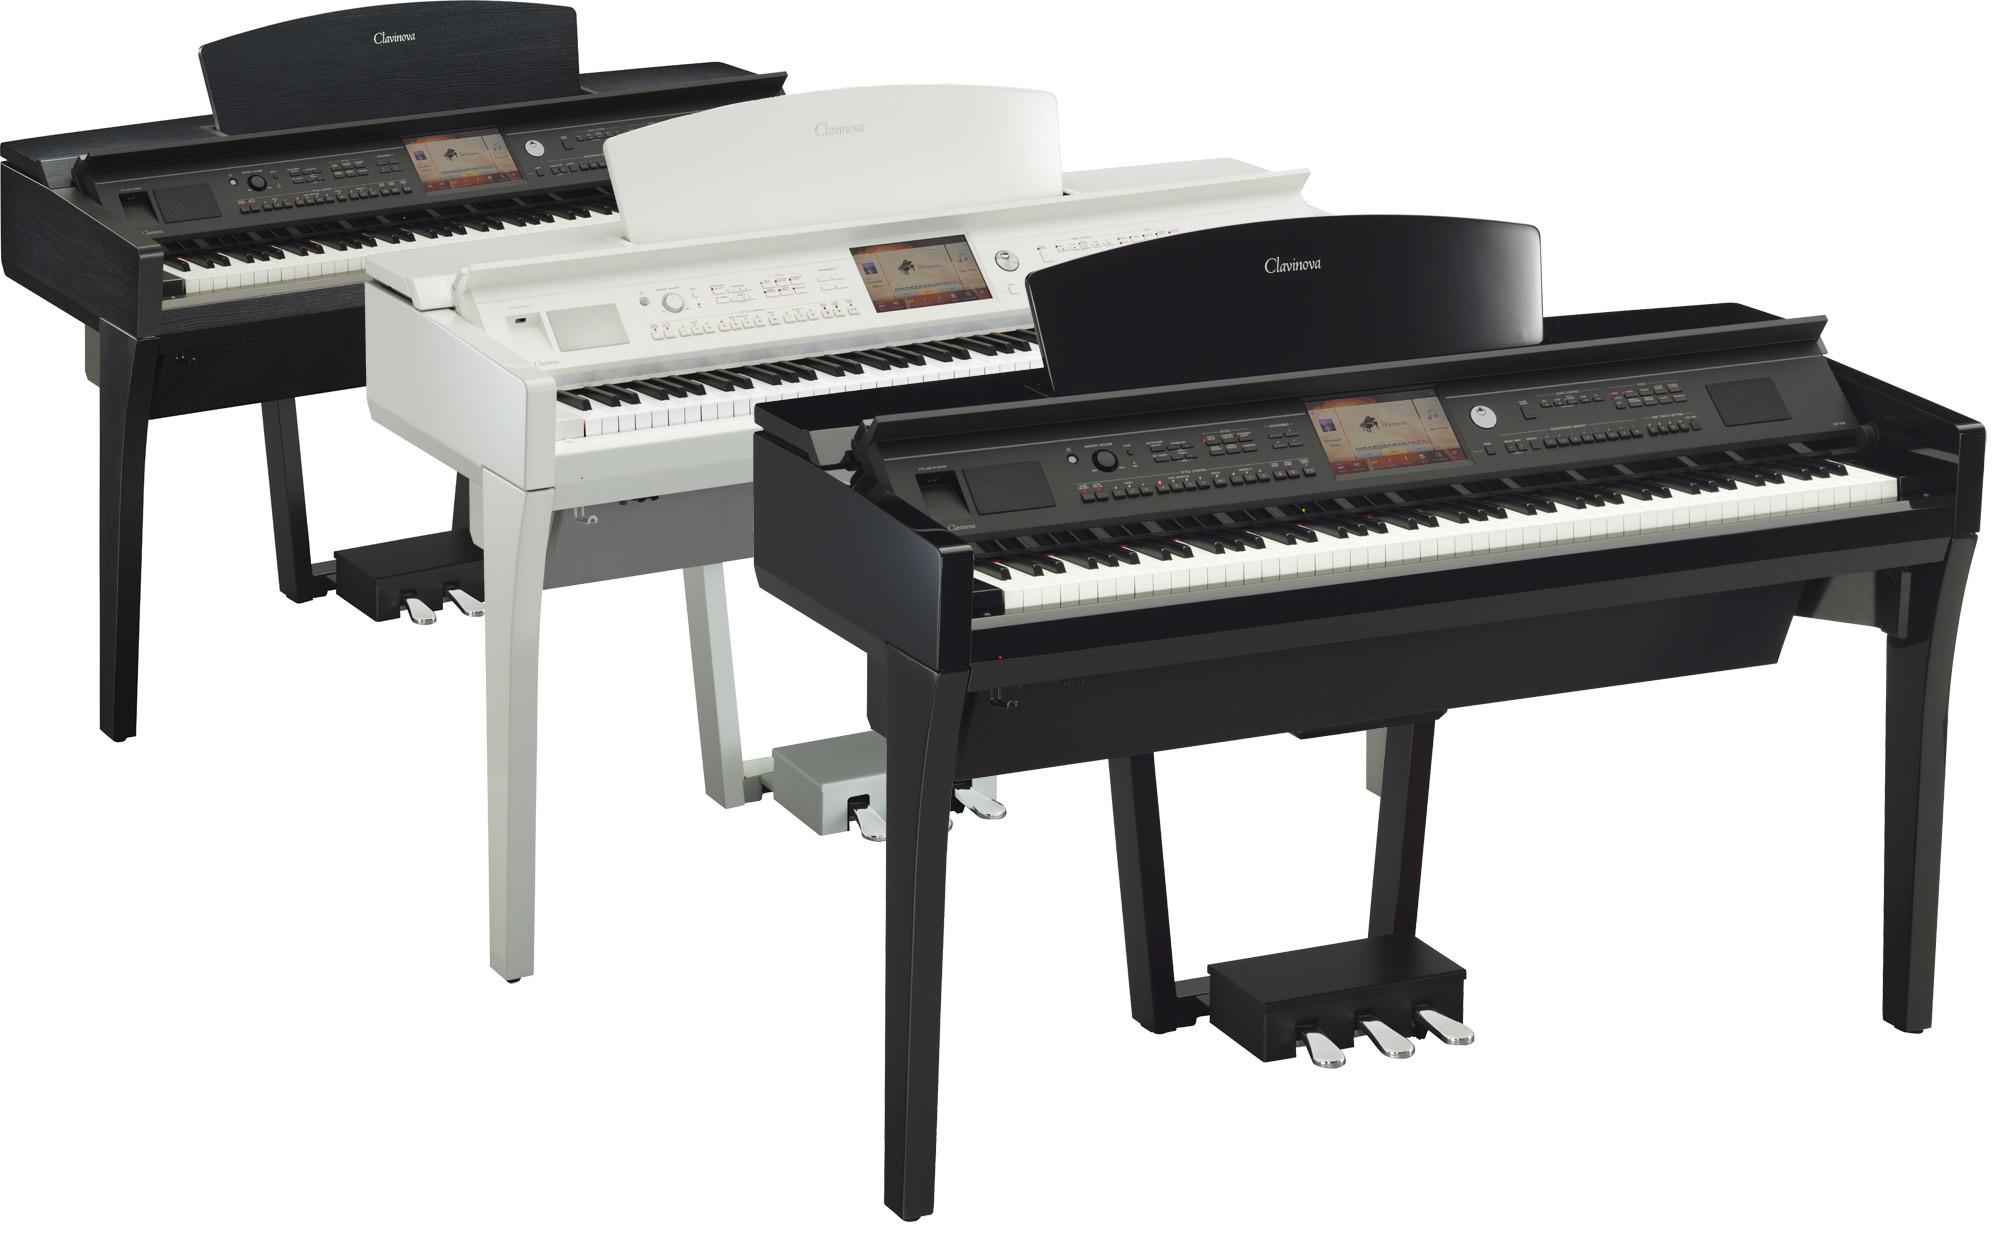 Yamaha cvp 709 clavinova digital pianos in polished ebony for Yamaha cvp 709